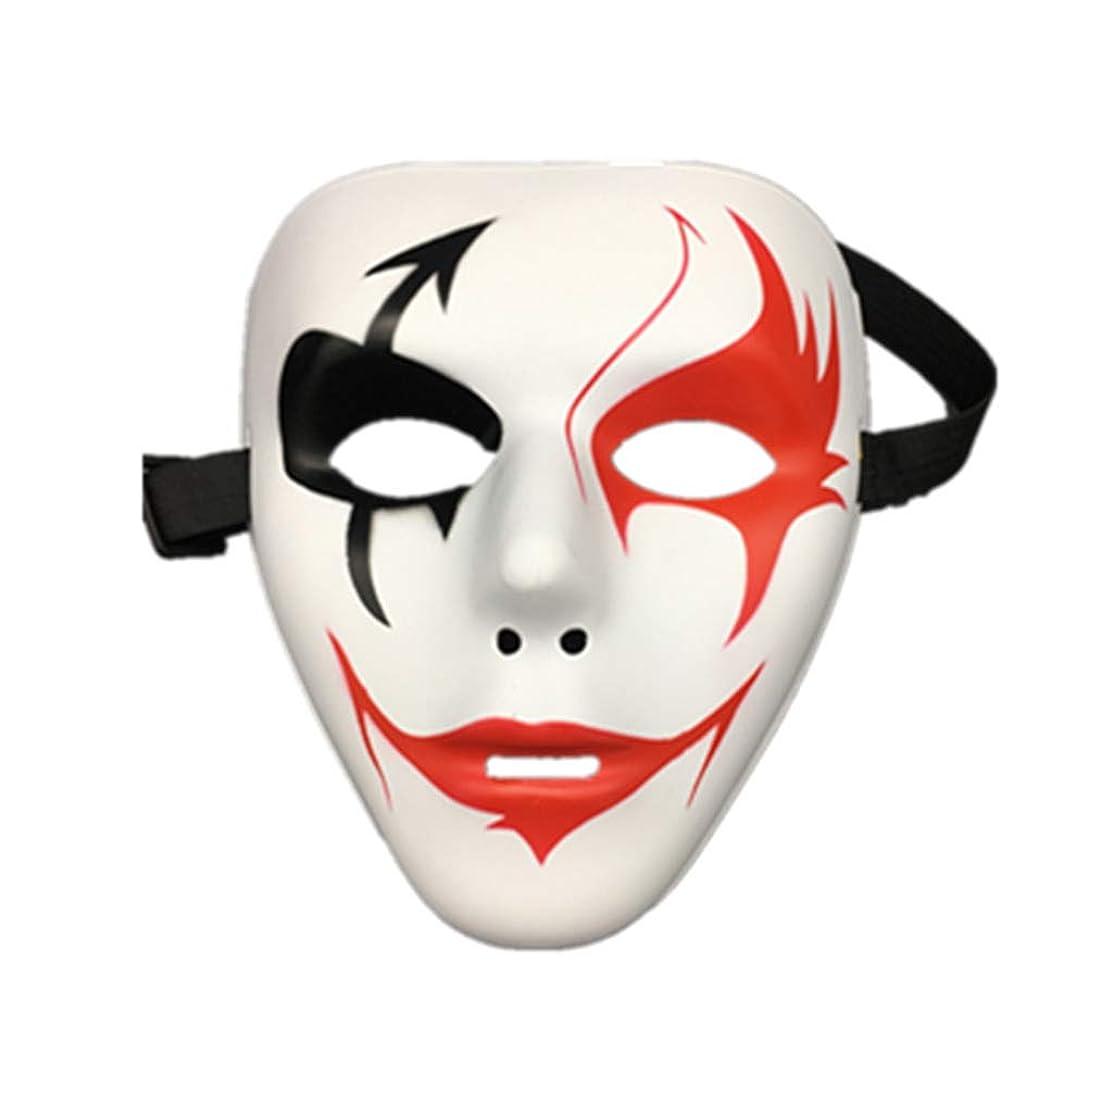 皮肉見捨てられたブルジョンハロウィンマスクフルフェイスストリートダンス振動マスク仮装変なマスクダンスマスク